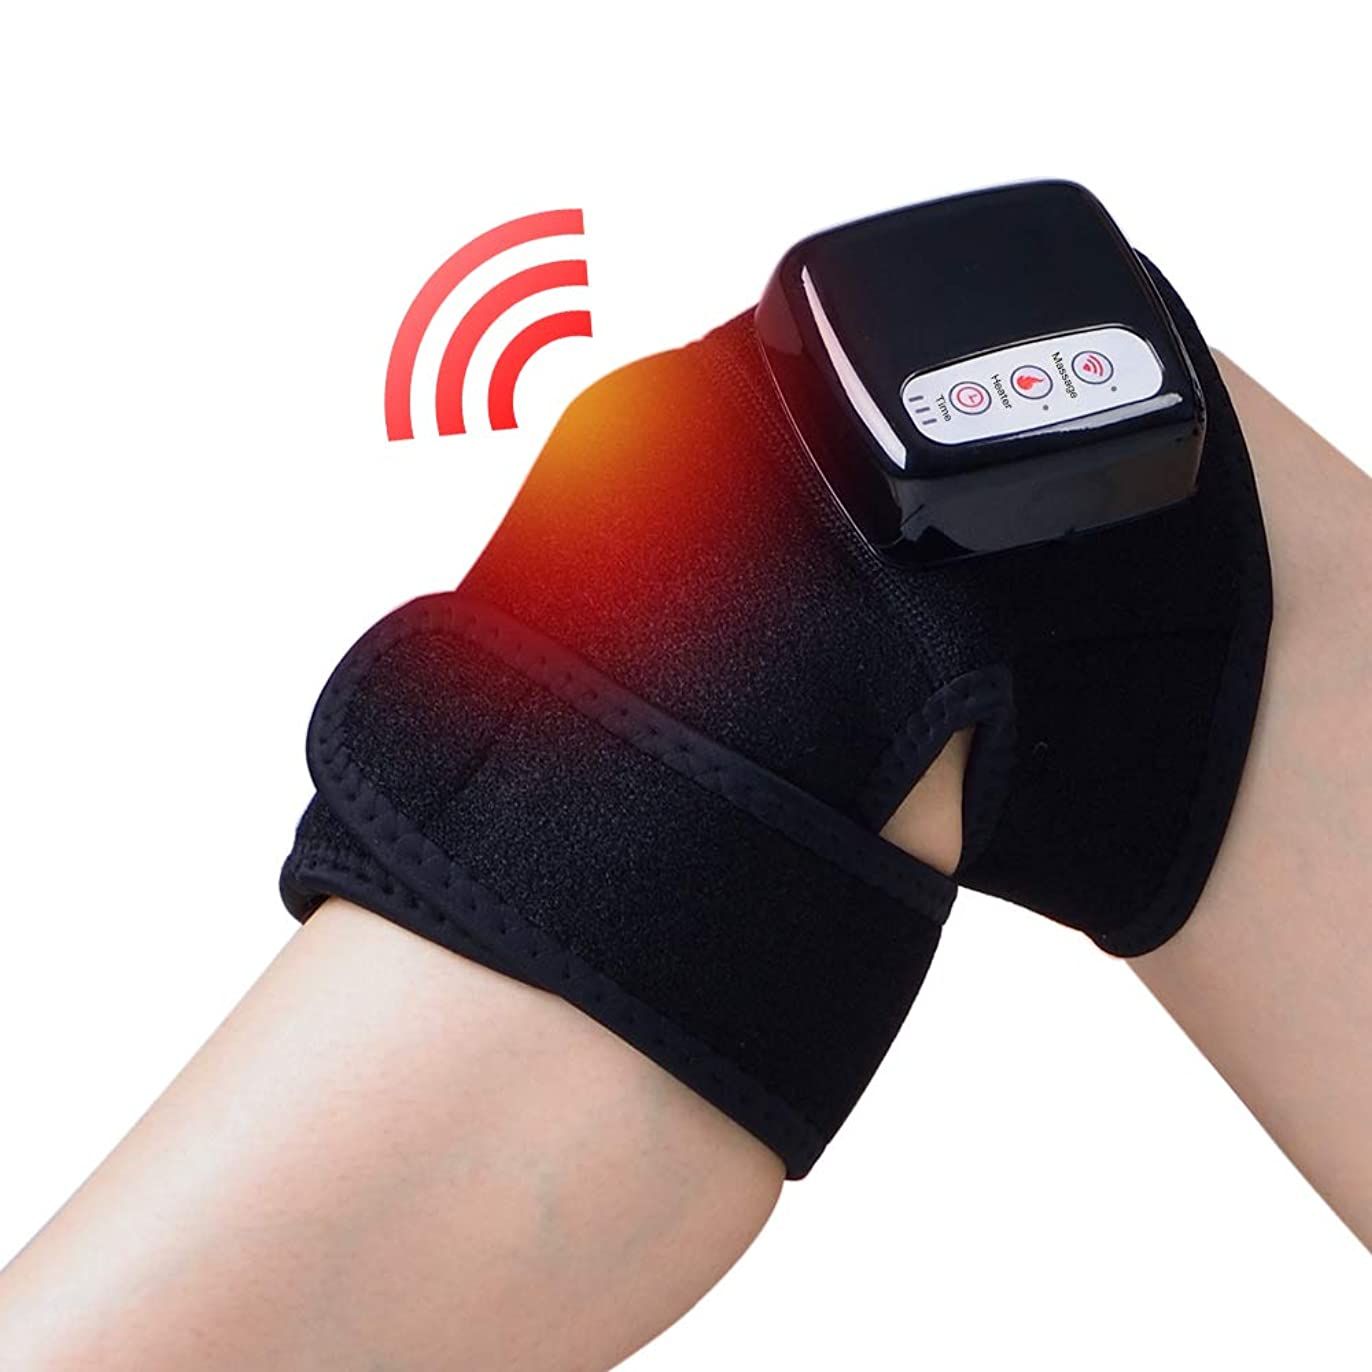 お祝い導入する余裕があるChuangyue 膝関節加熱マッサージ マッサージ器 フットマッサージャー ひざ マッサージャー 振動 赤外線療法 温熱療法 膝サポーター ストレス解消 膝マット 太もも/腕対応